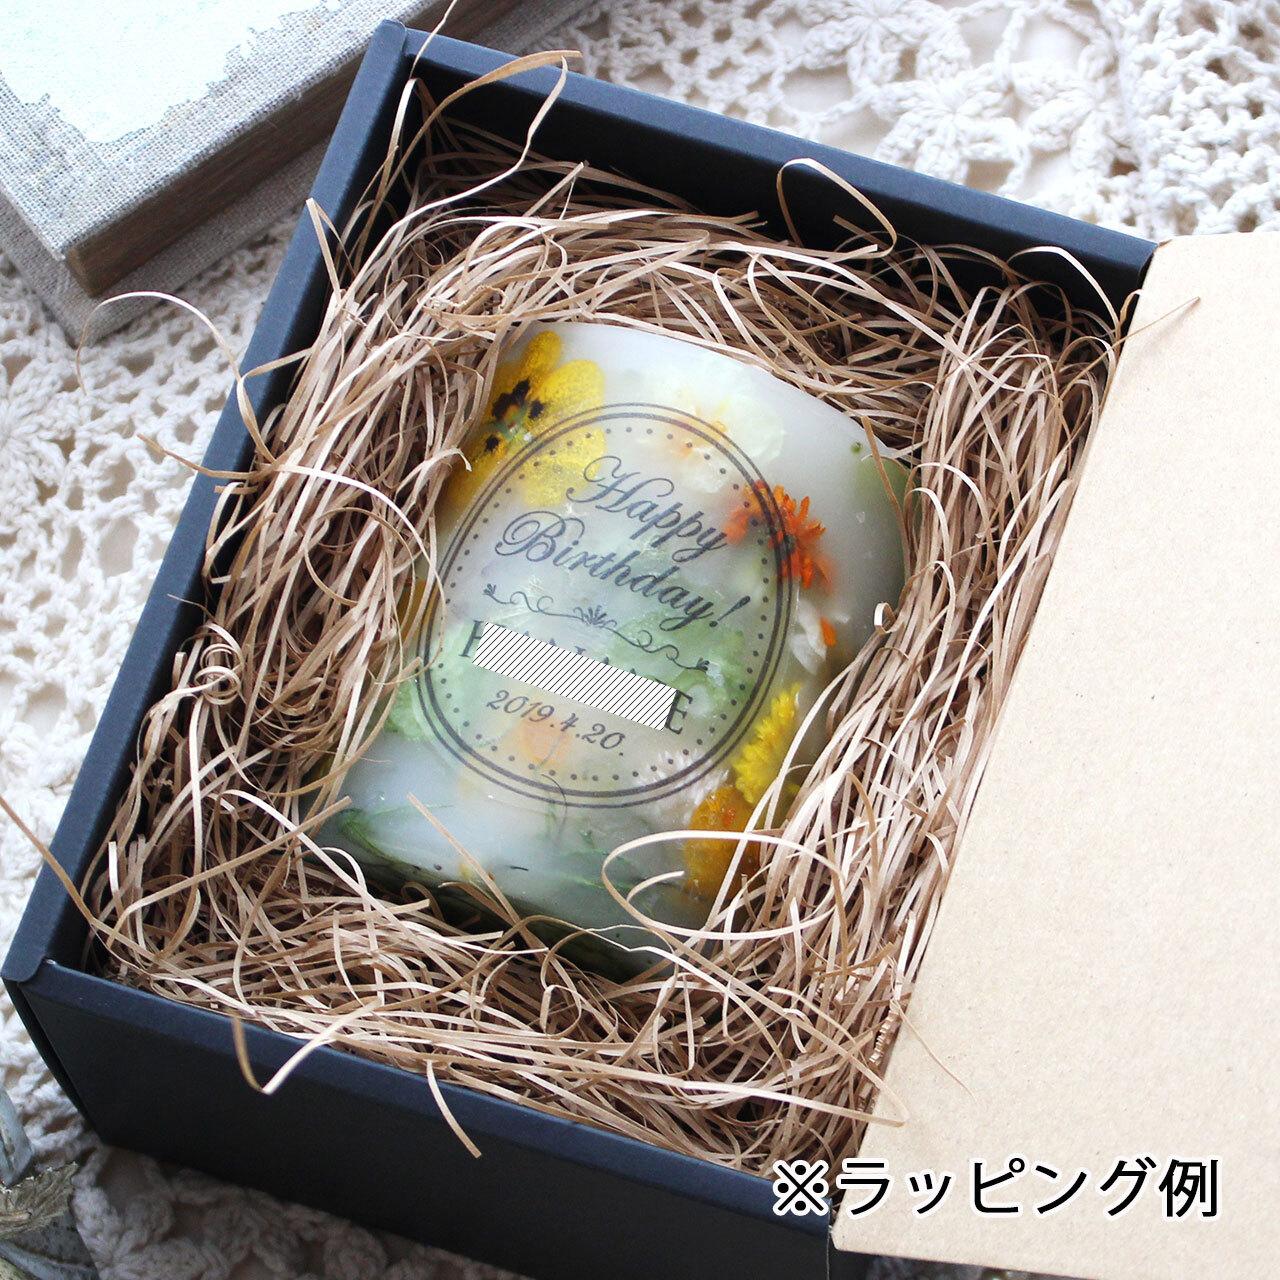 NC247 ギフトラッピング付き☆メッセージ&日付&名入れボタニカルキャンドル ラナンキュラス